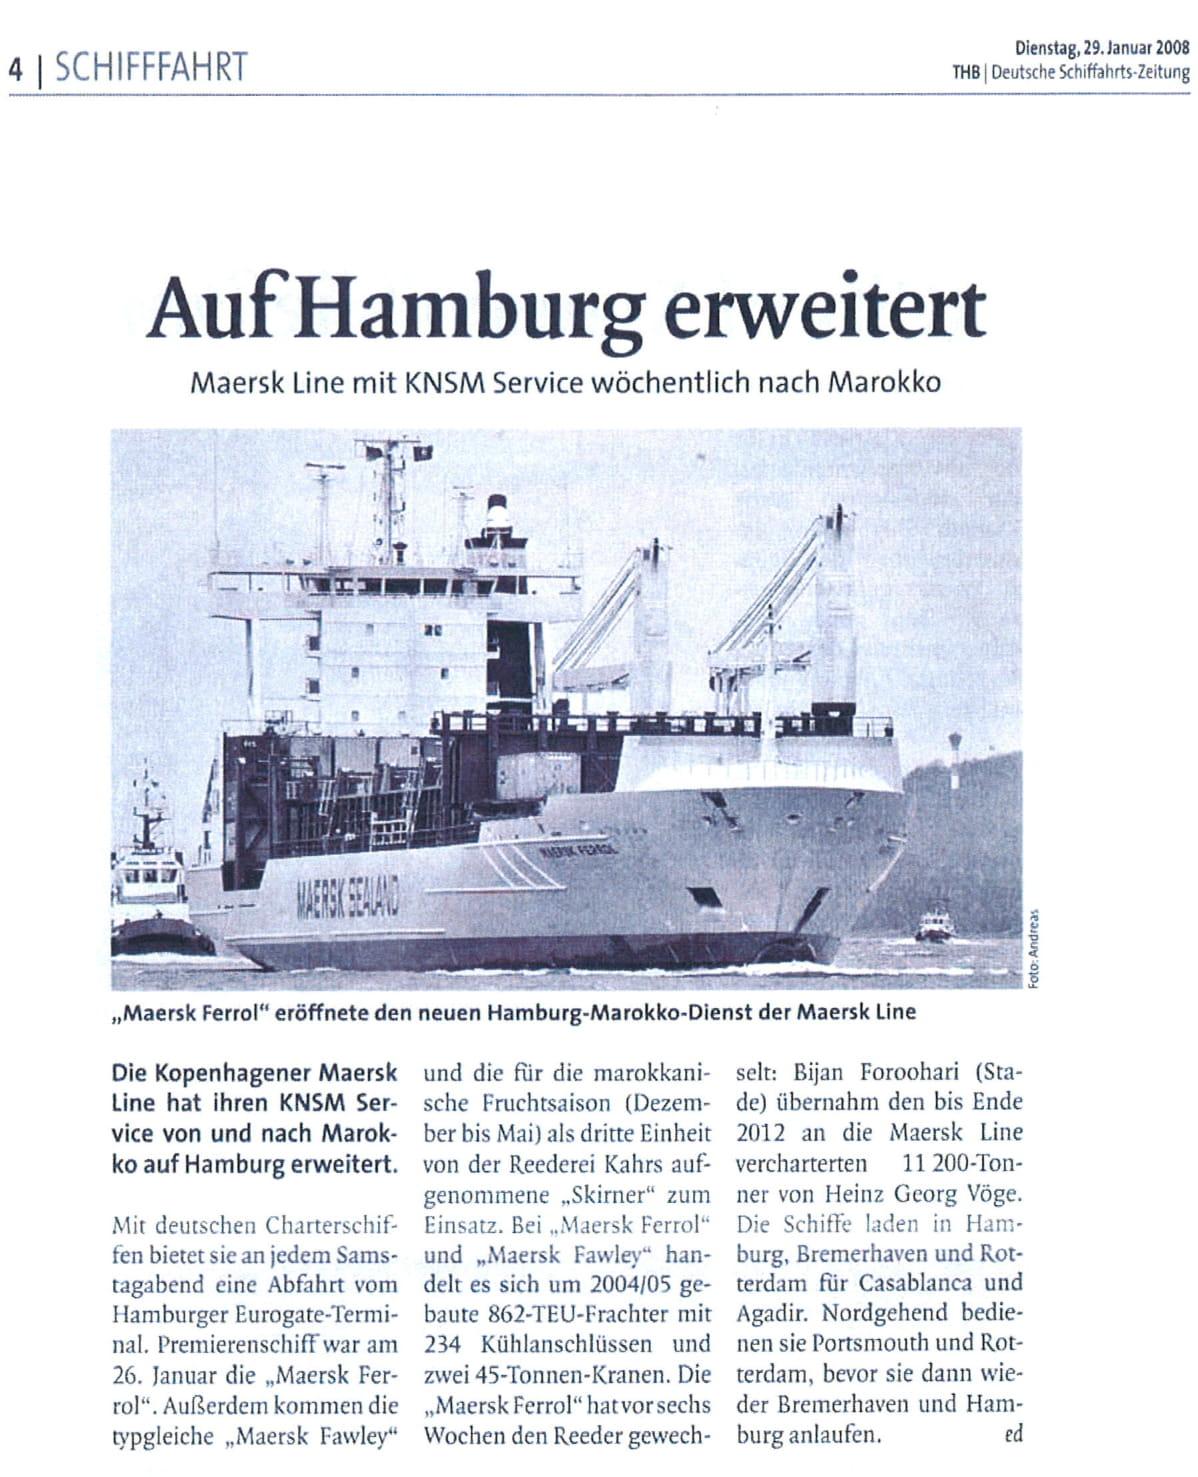 THB Deutsche Schifffahrtszeitung 29.01.2008